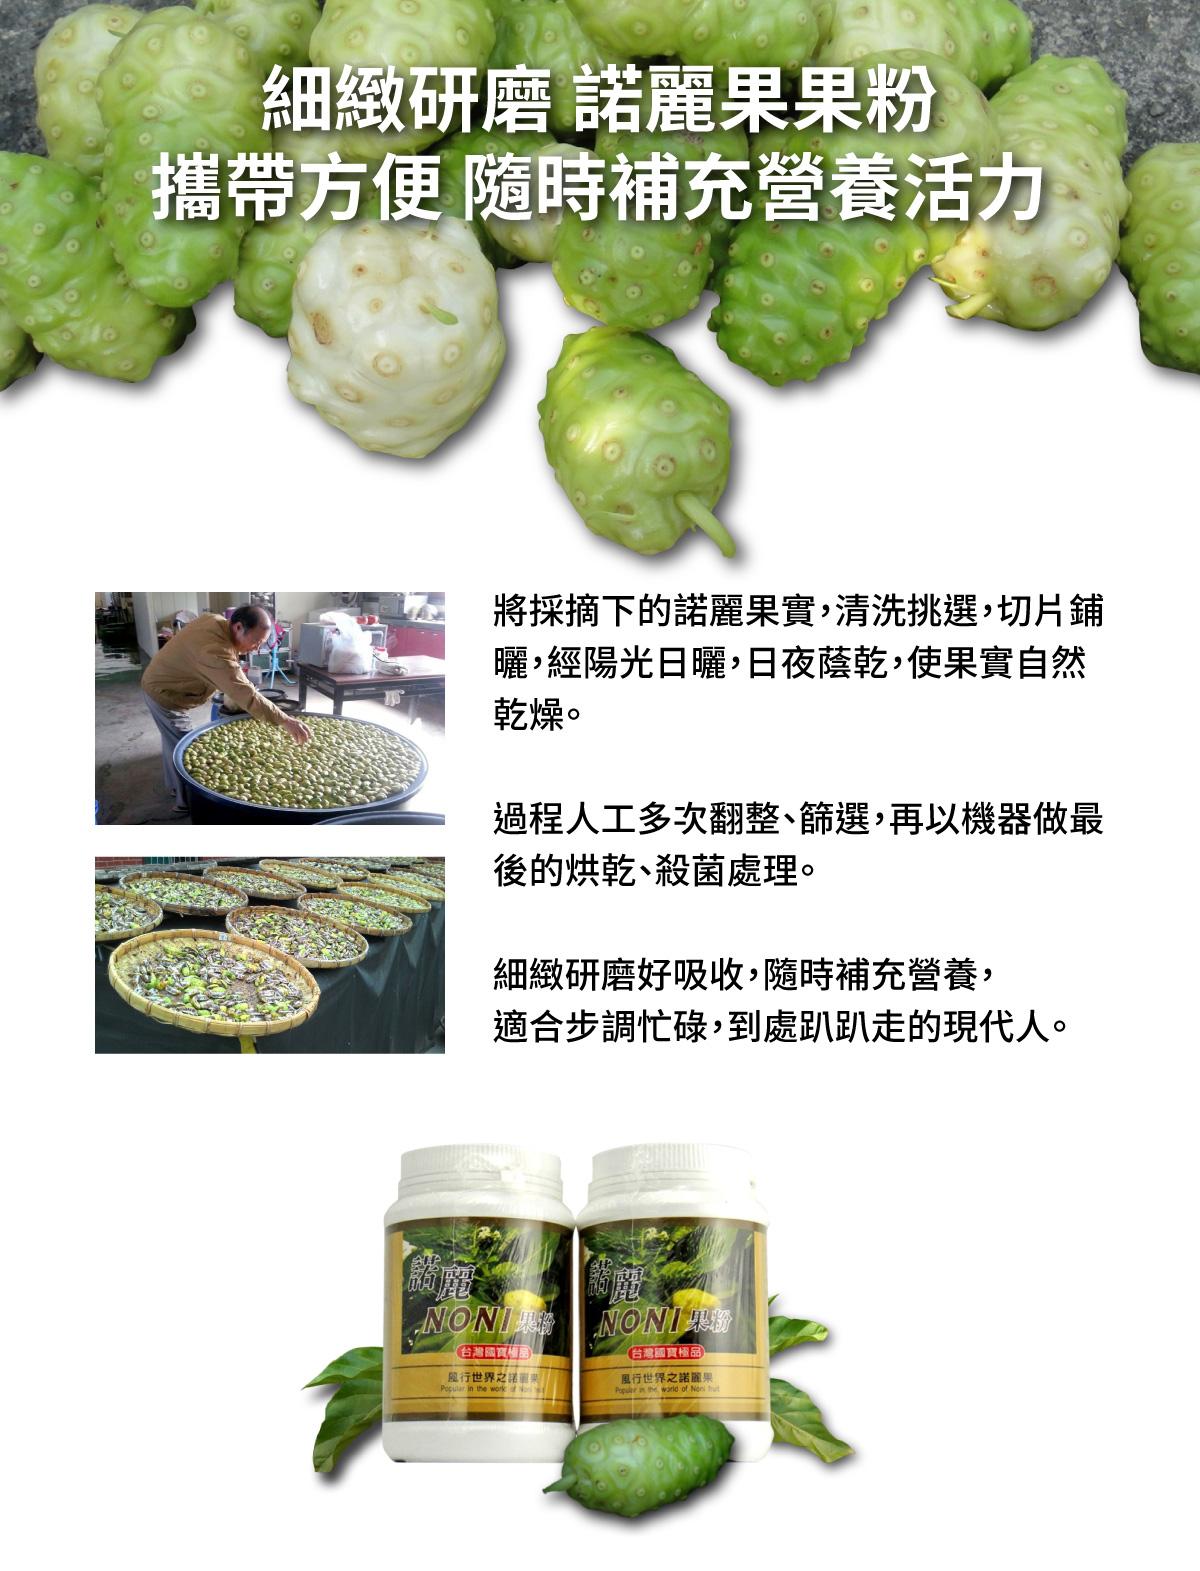 細緻研磨 諾麗果果粉 攜帶方便 隨時補充營養活力